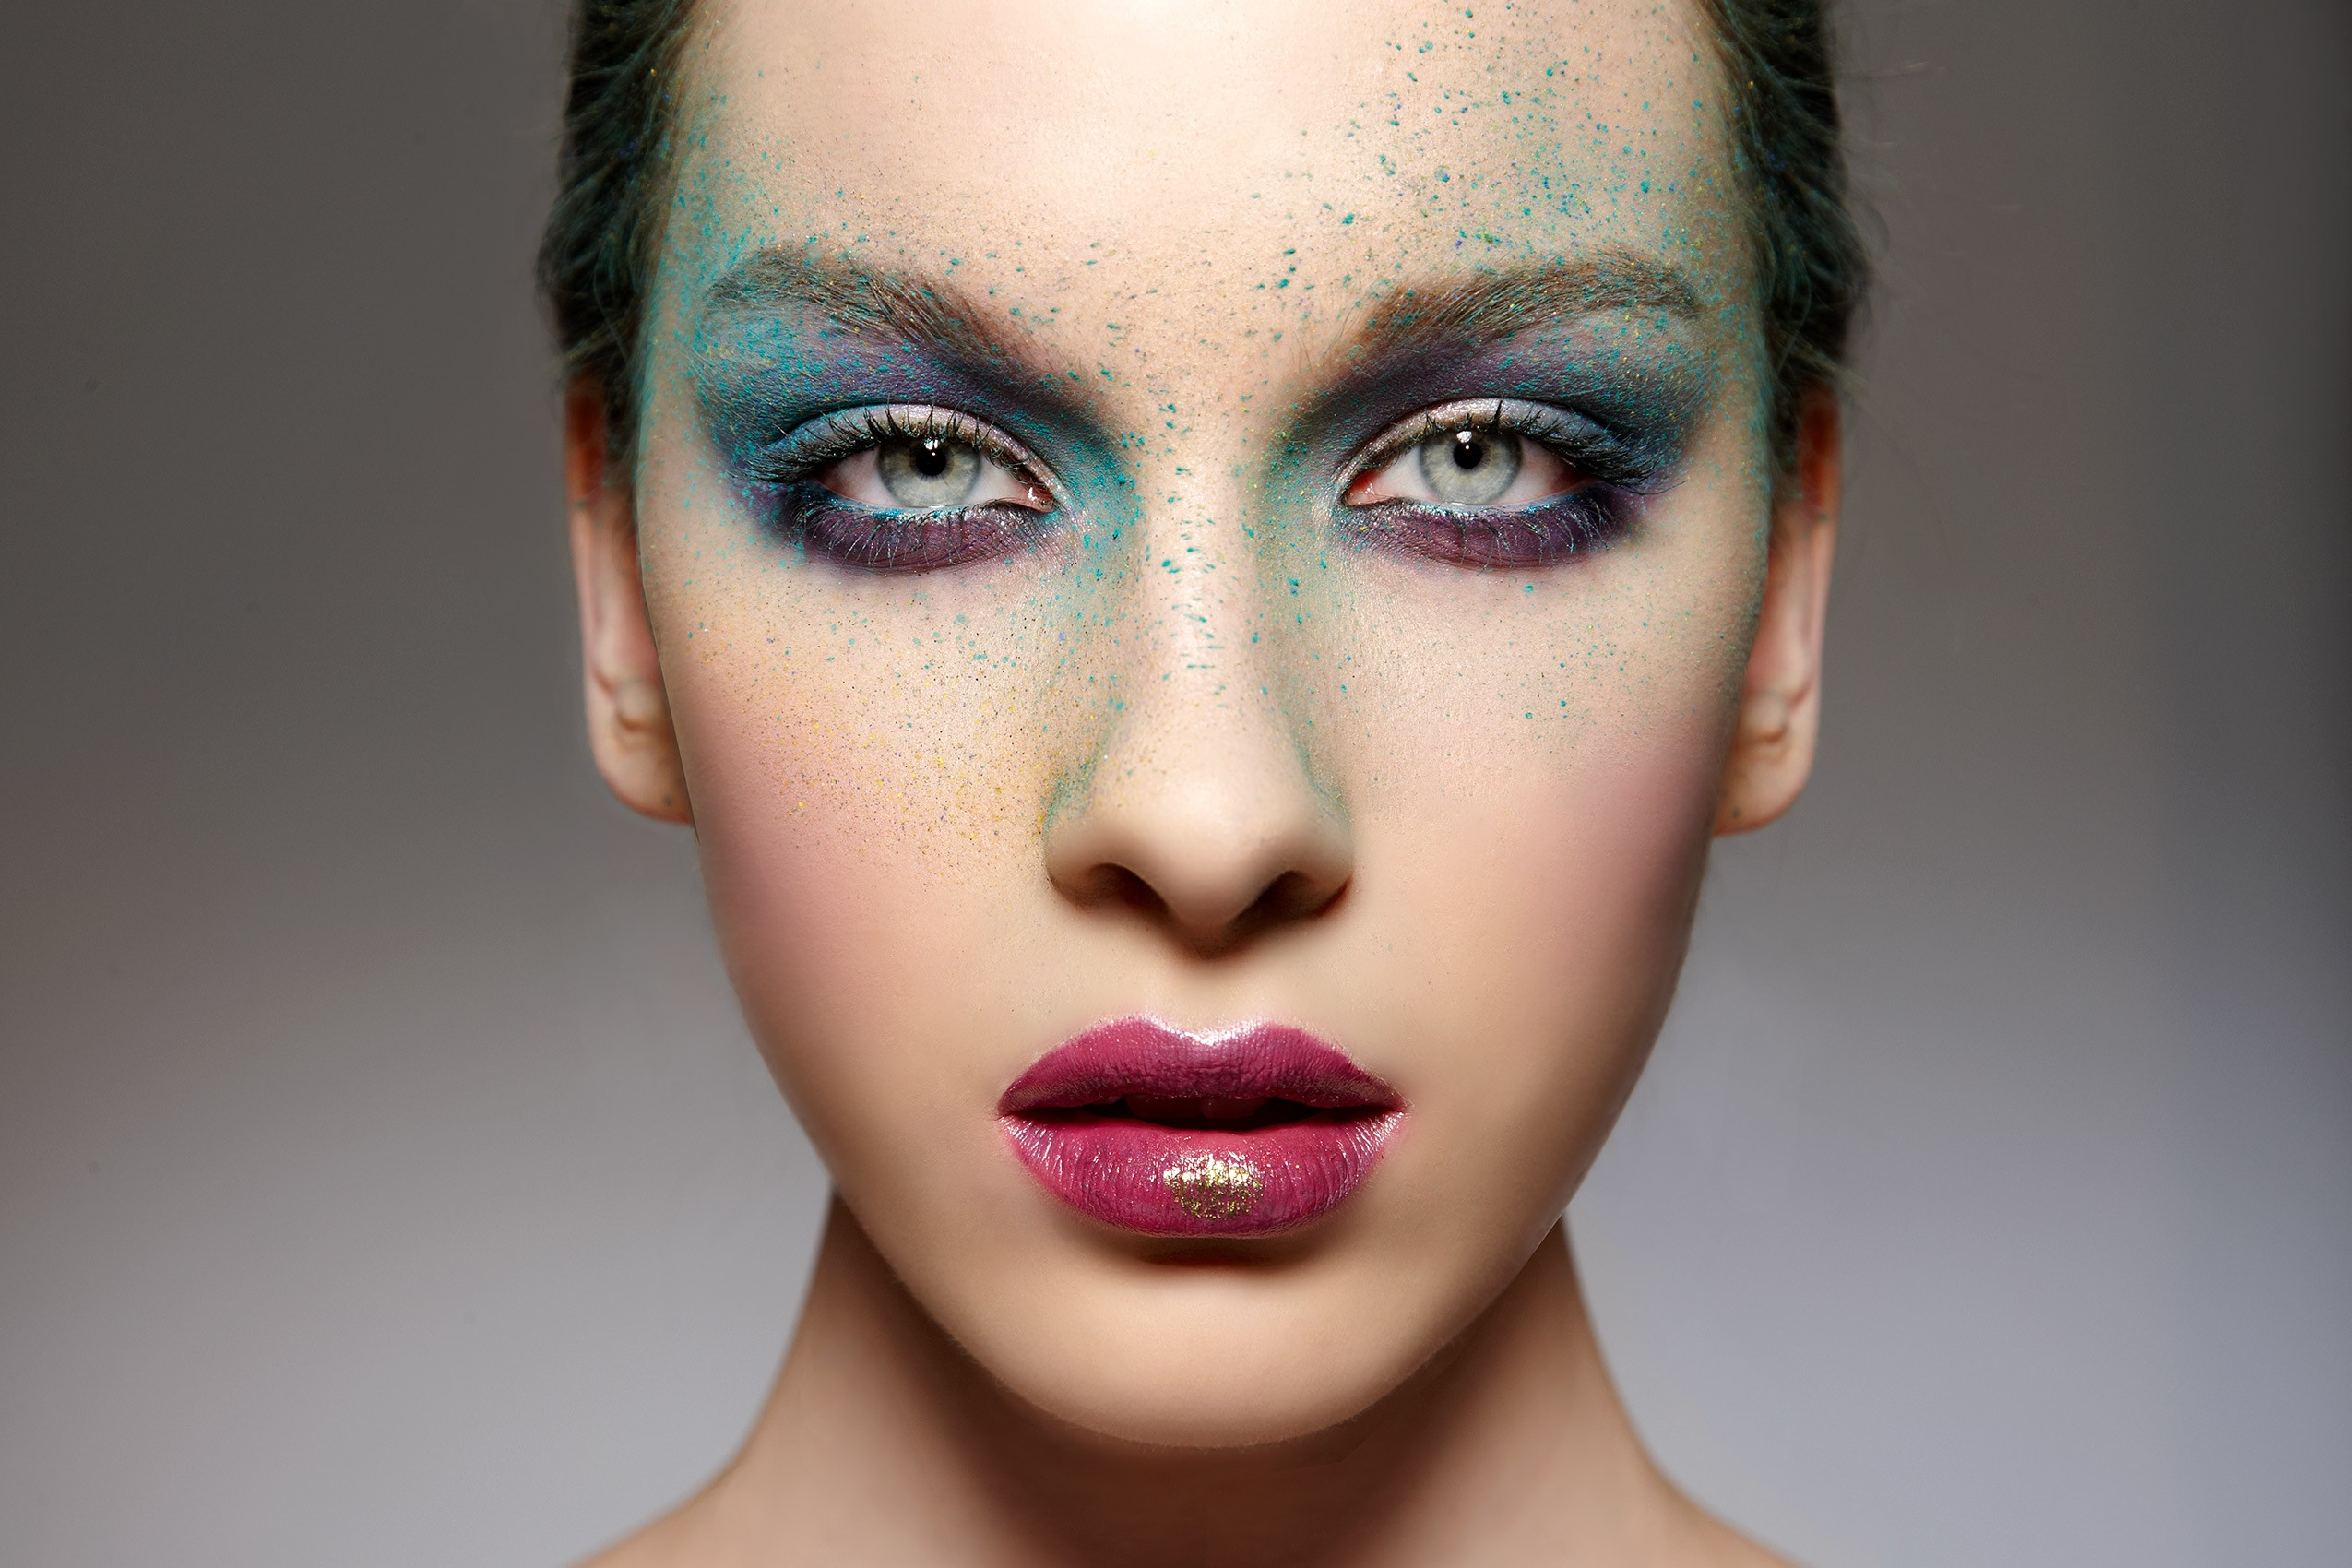 cammy-Beauty-65826-copy.jpg